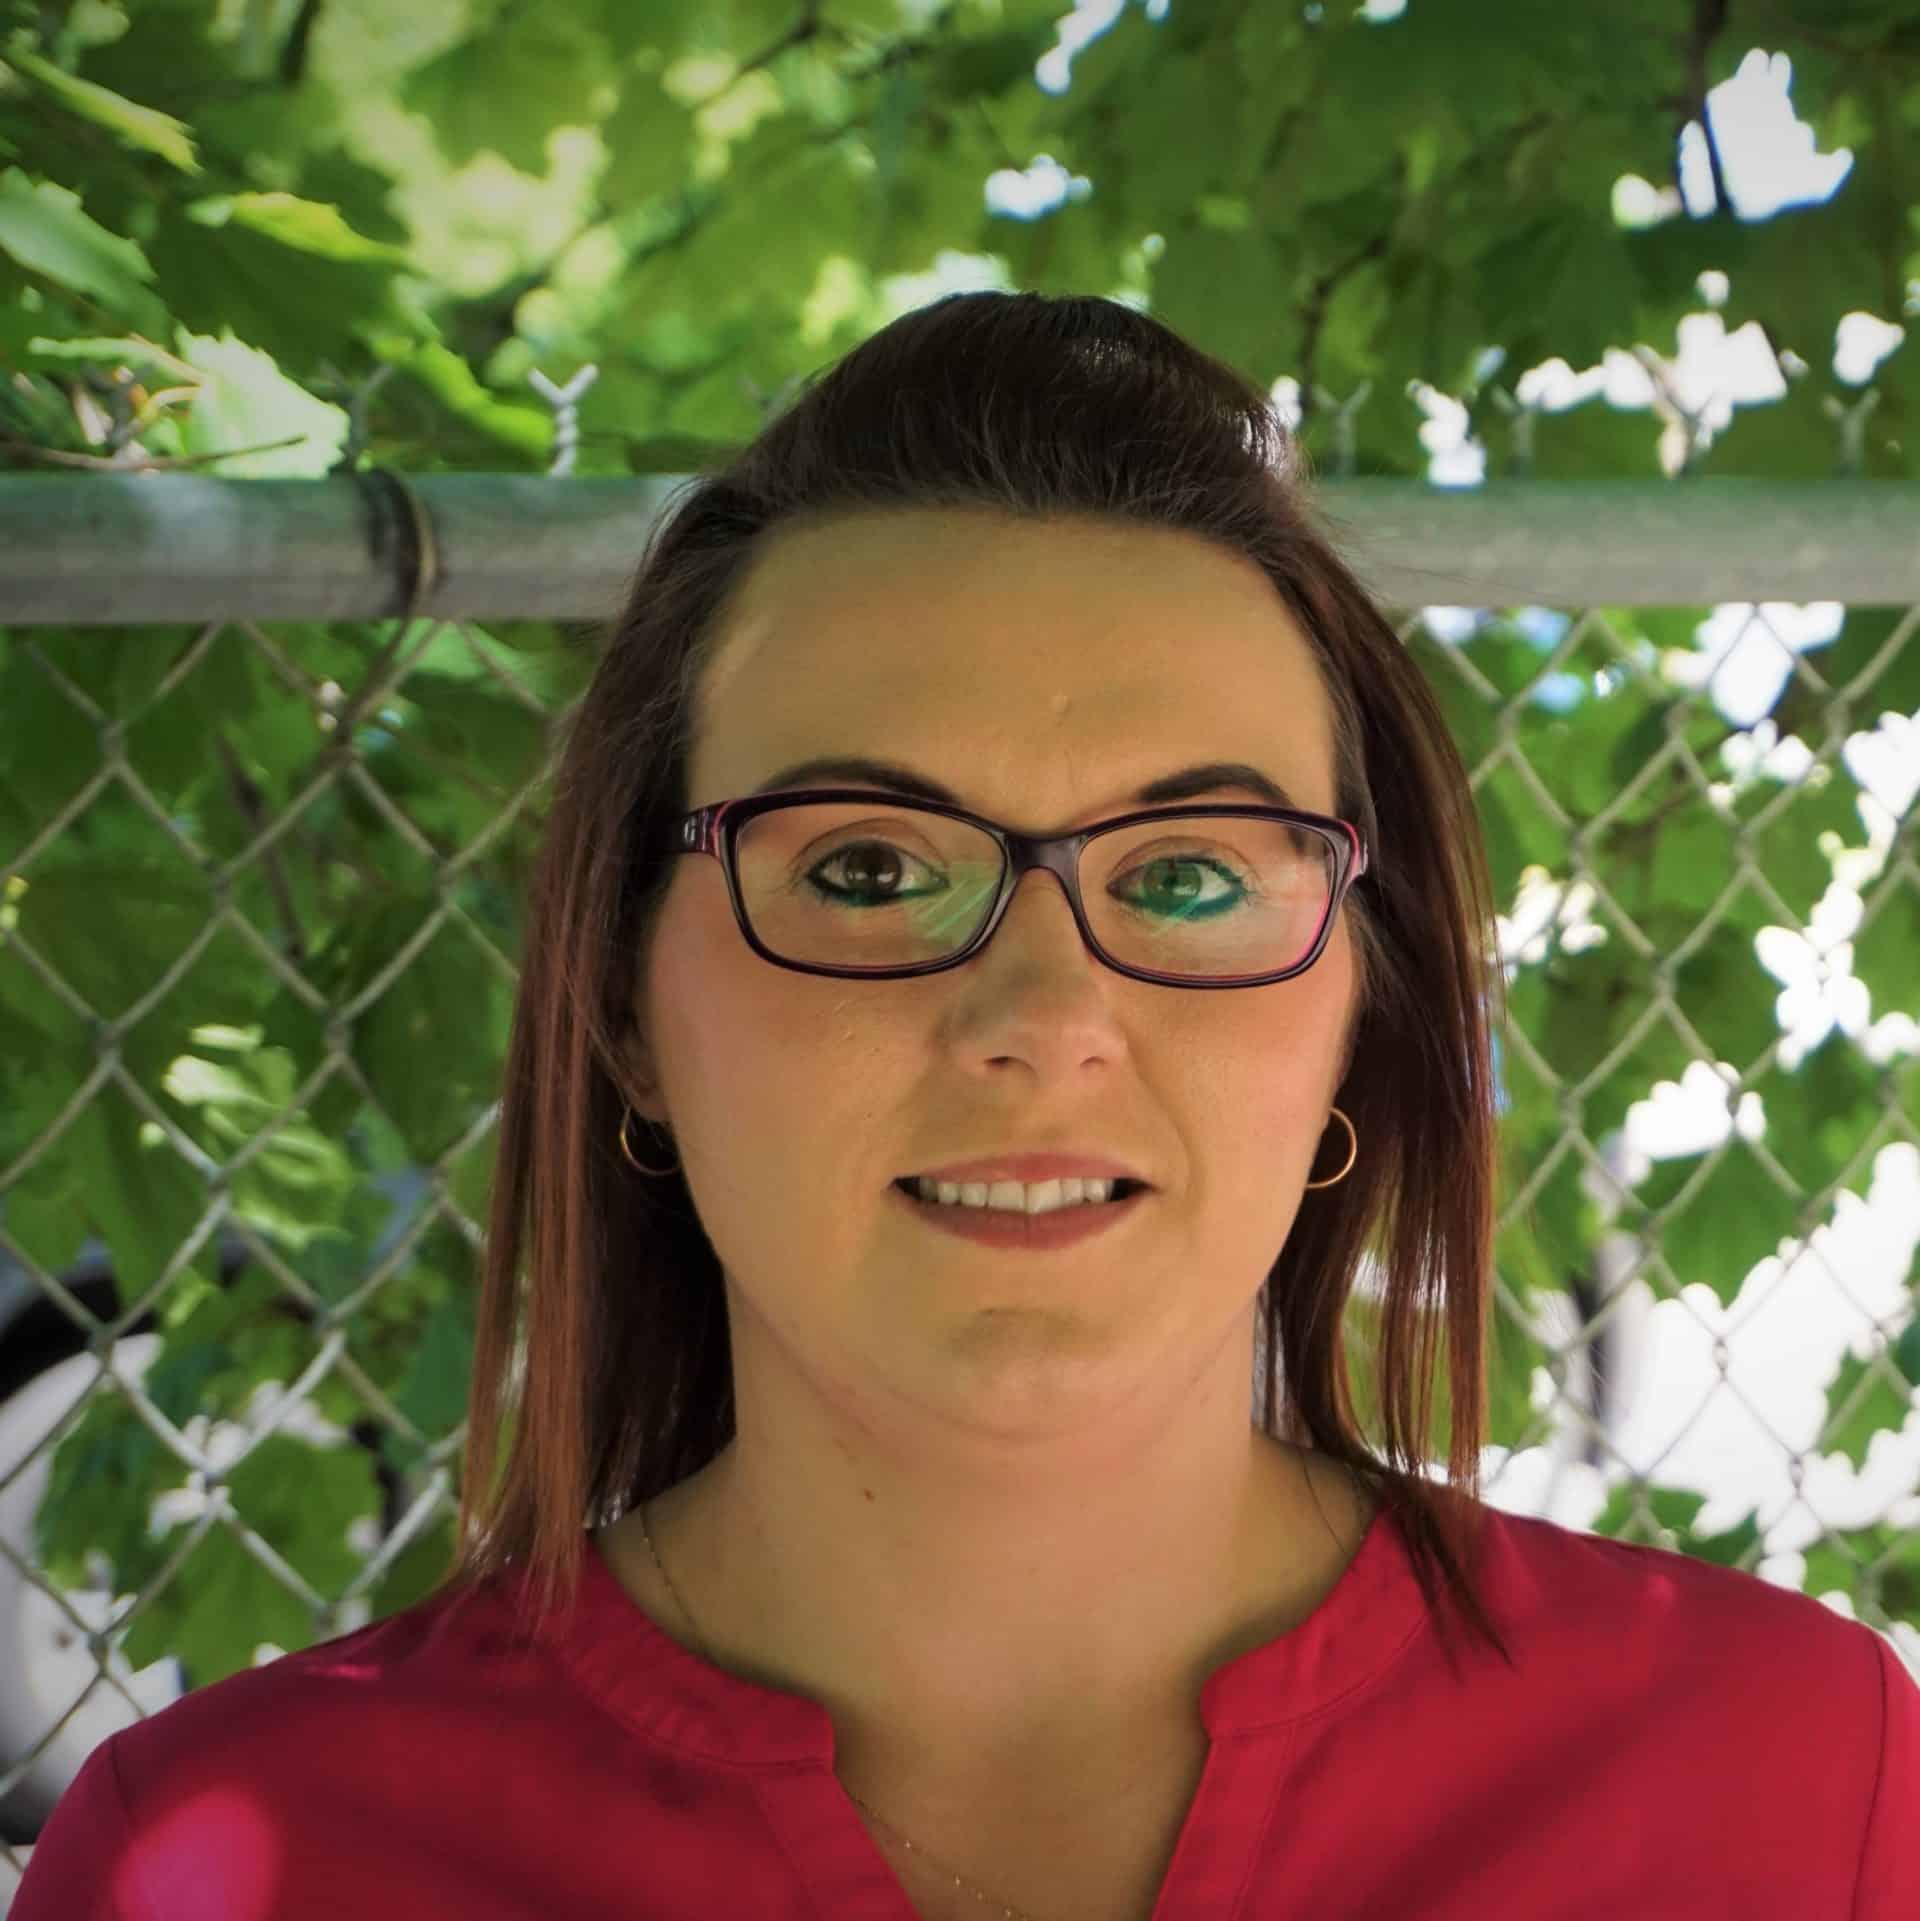 Samantha Dagenais